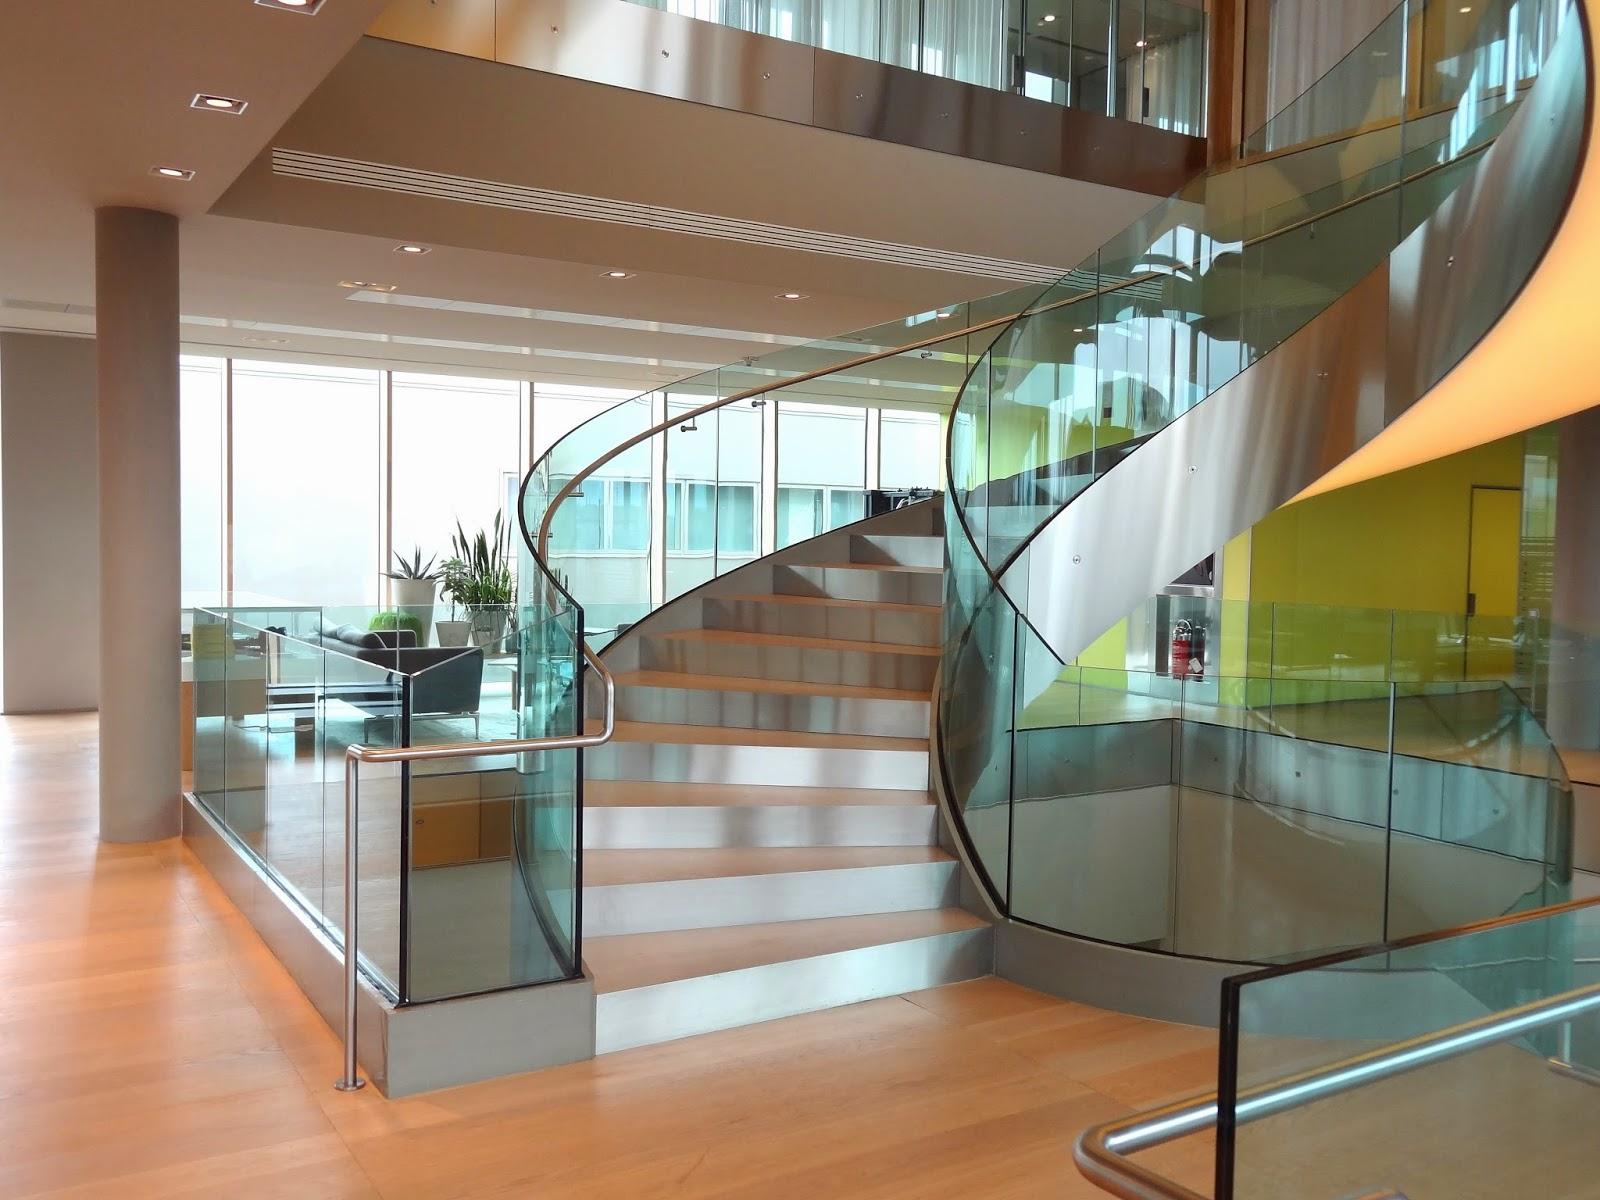 Technogym Wellness Village Architecture Stairs Lighting